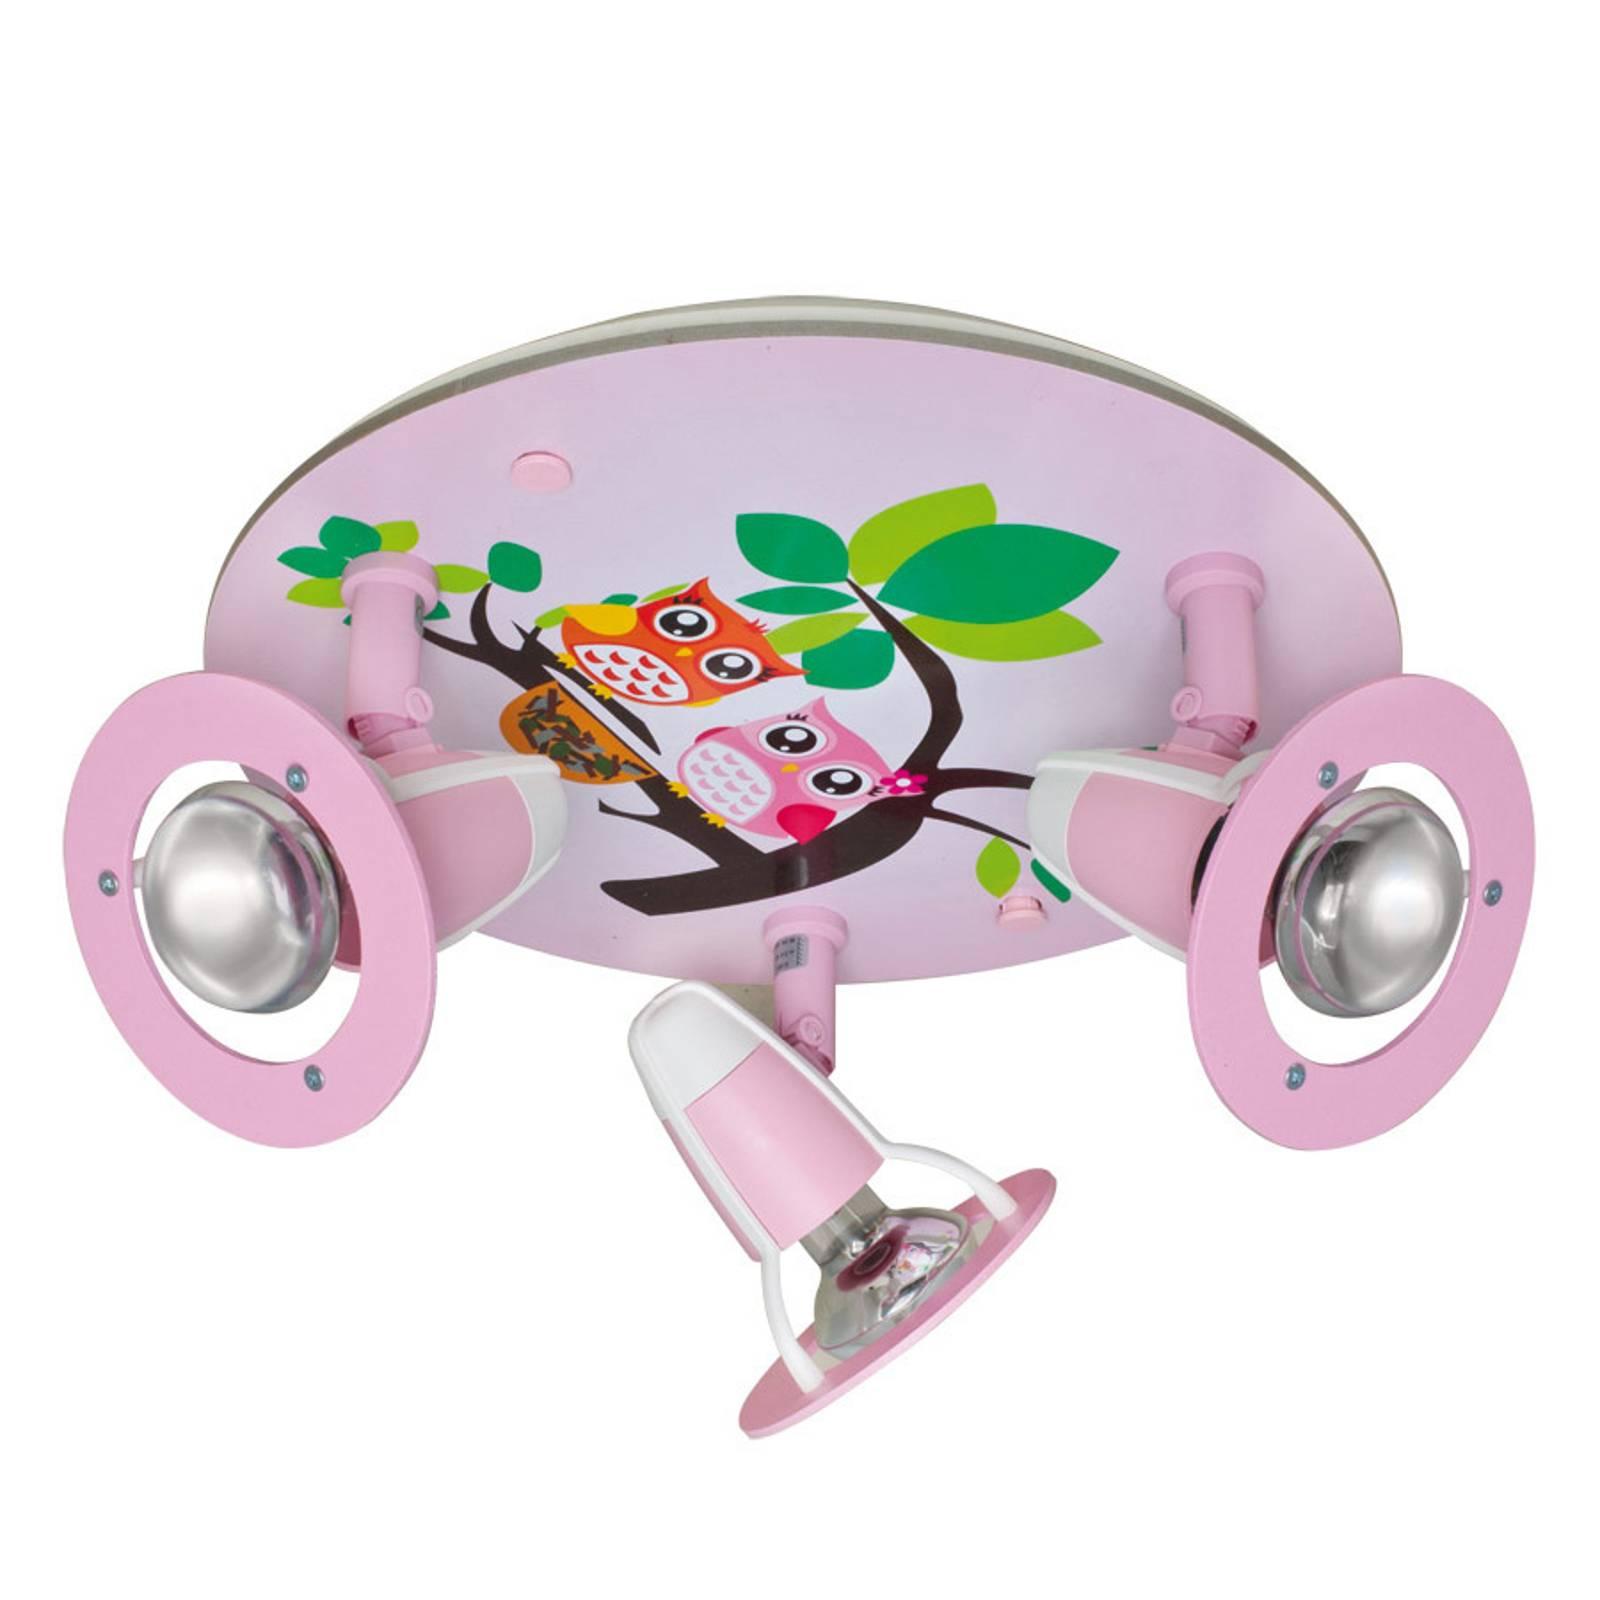 rosa deckenstrahler und weitere lampen g nstig online kaufen bei m bel garten. Black Bedroom Furniture Sets. Home Design Ideas